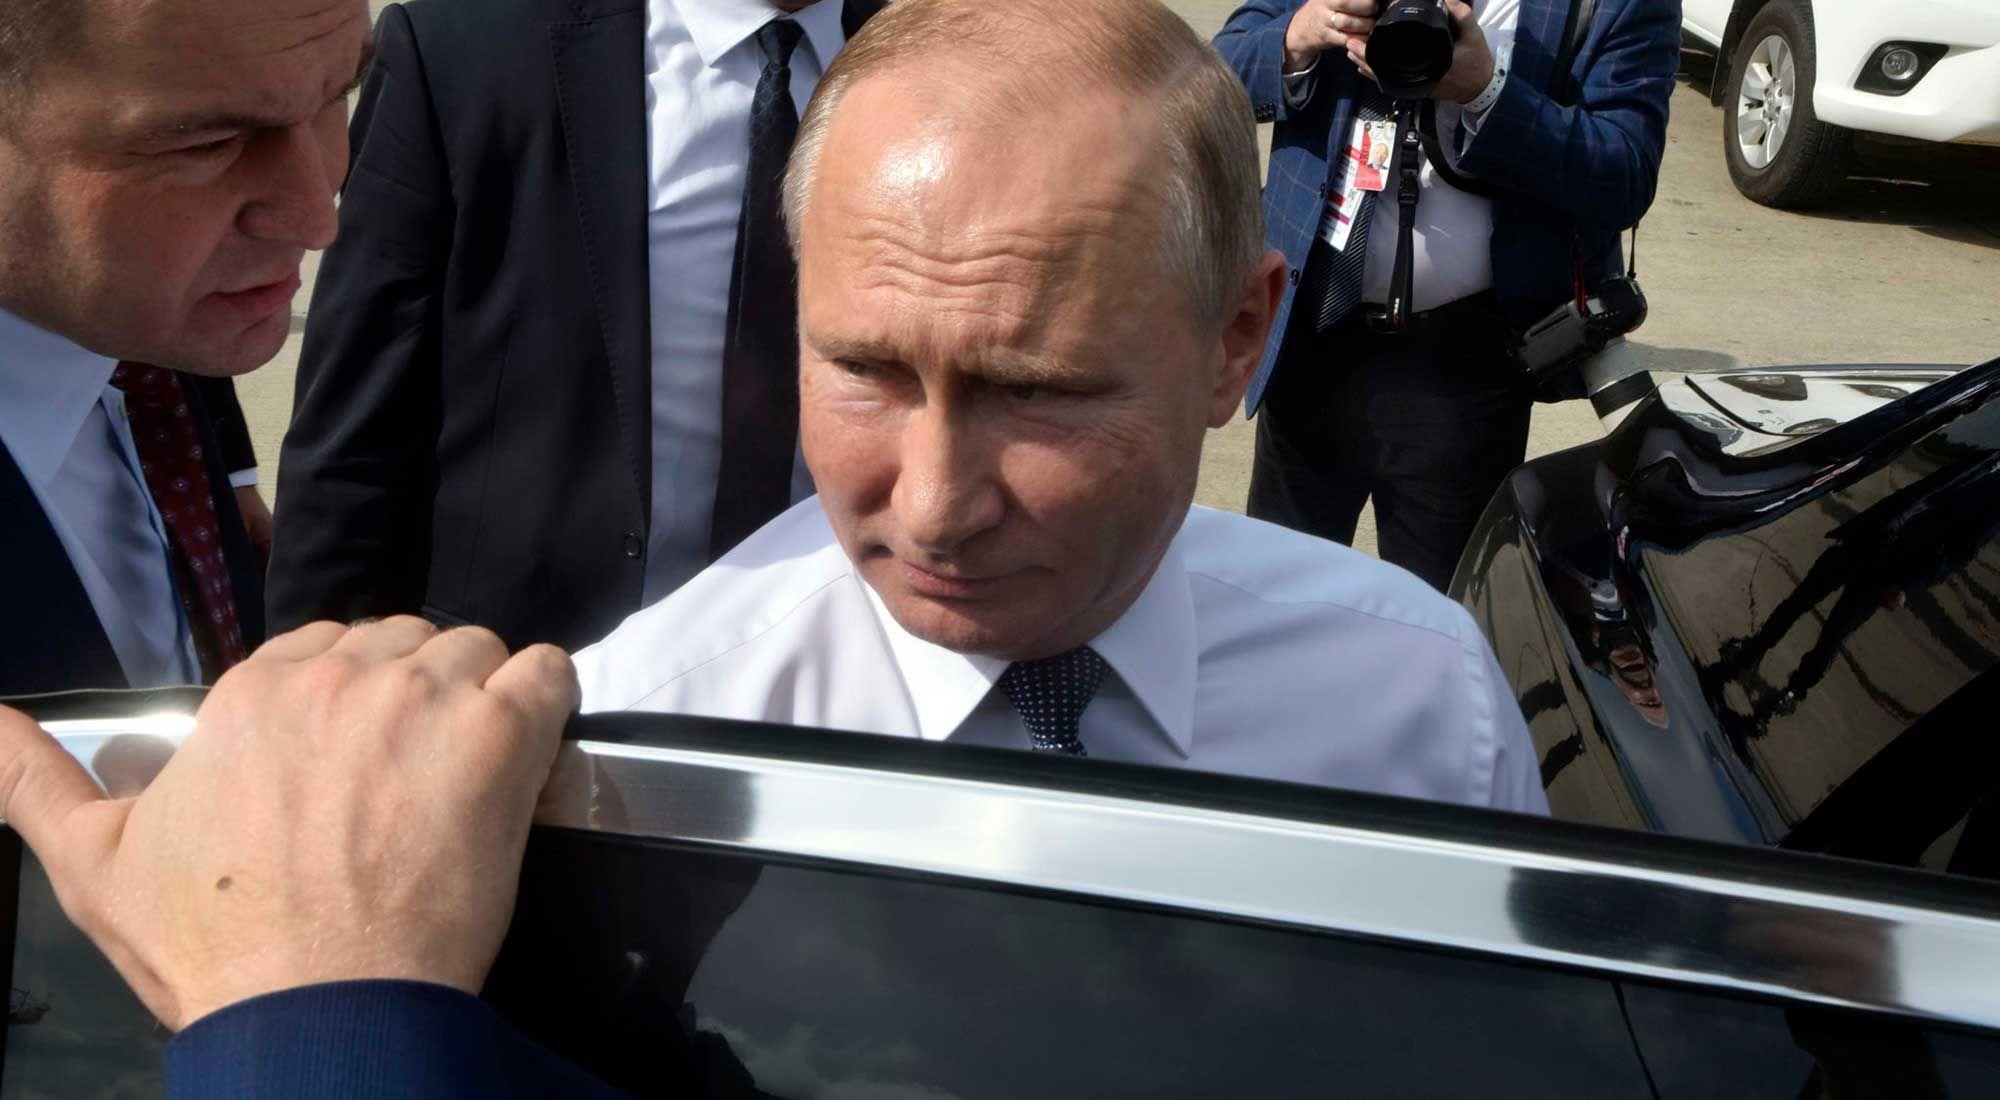 El presidente de Rusia, Vladimir Putin llega al país para participar del G20